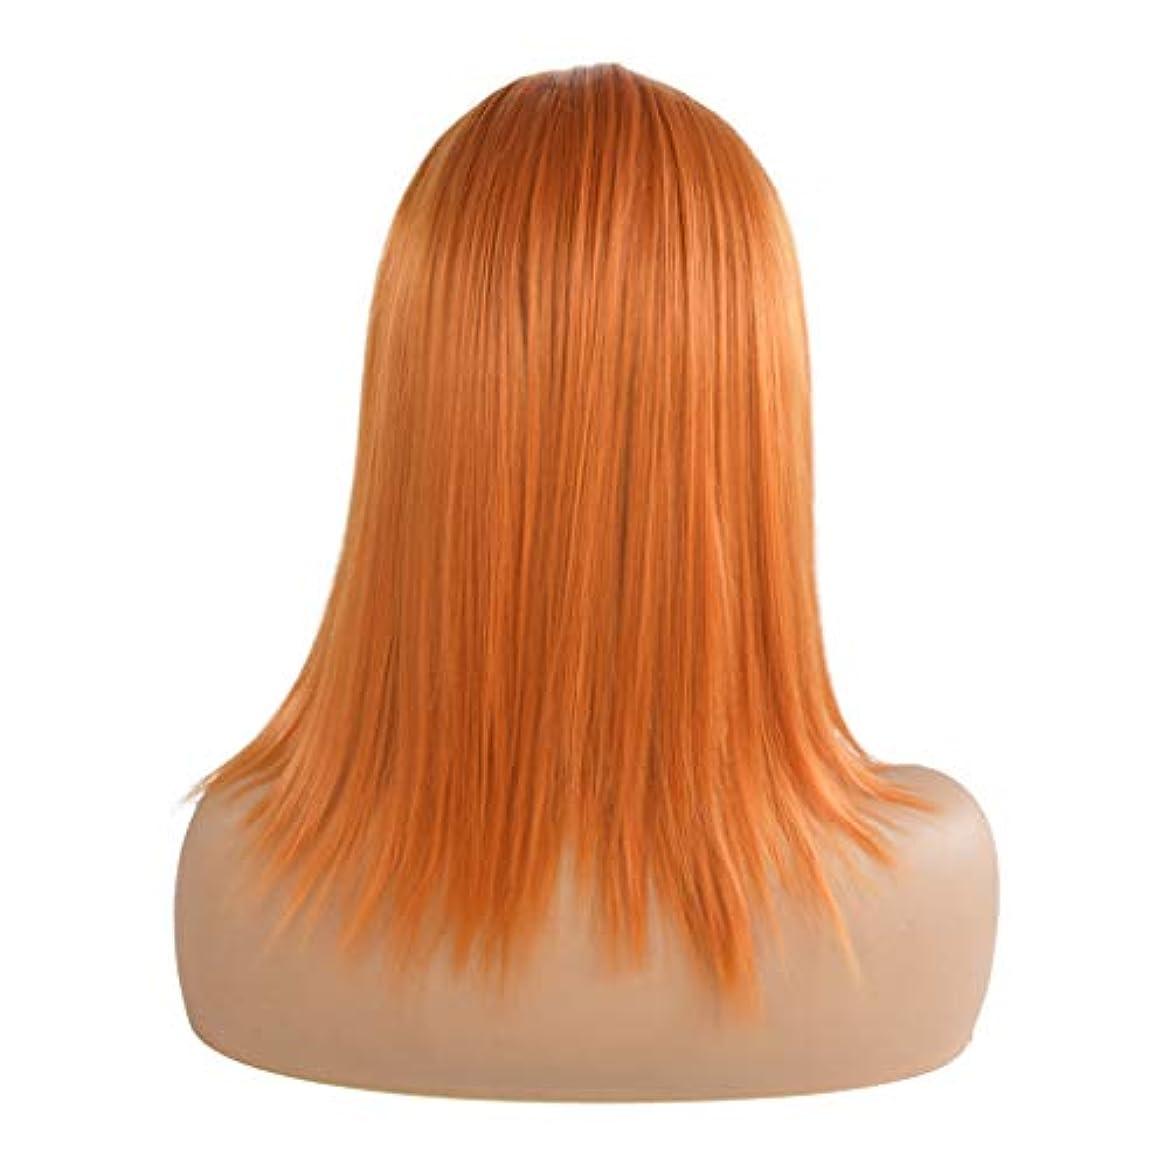 形式雄大なしたがってウィッグオレンジショートストレートヘアフロントレースファッションウィッグ18インチ